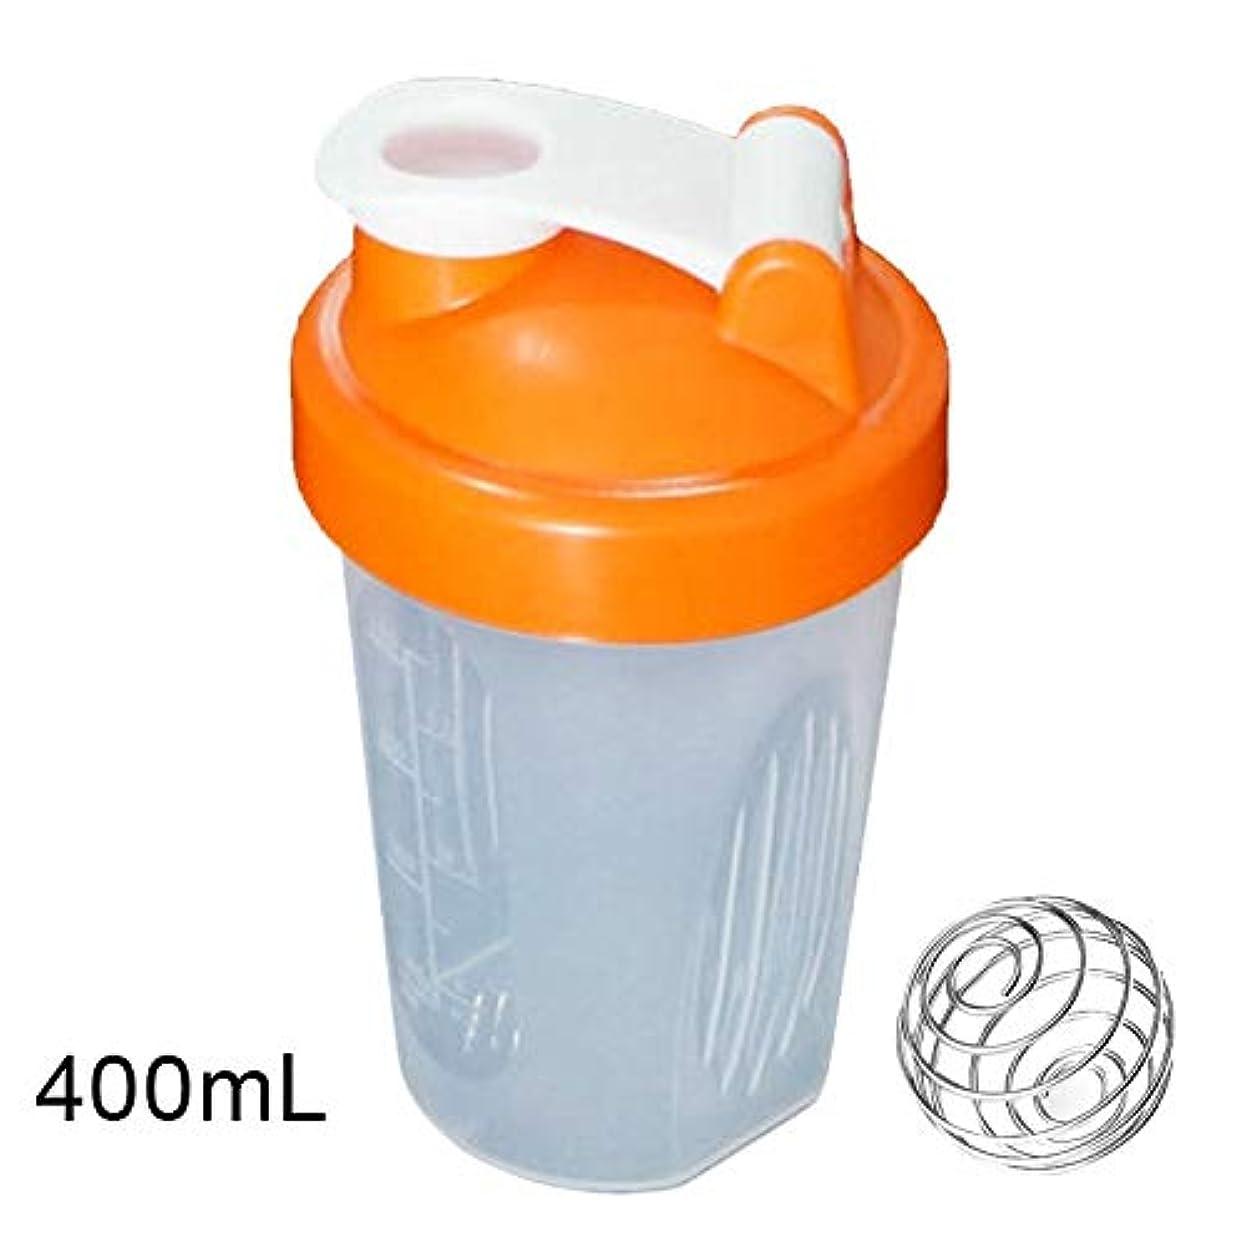 違う石灰岩交通ZaRoing ブレンダーボトル プロテインパウダー揺れ瓶 プロテインシェーカー 栄養補助瓶 400/600ml